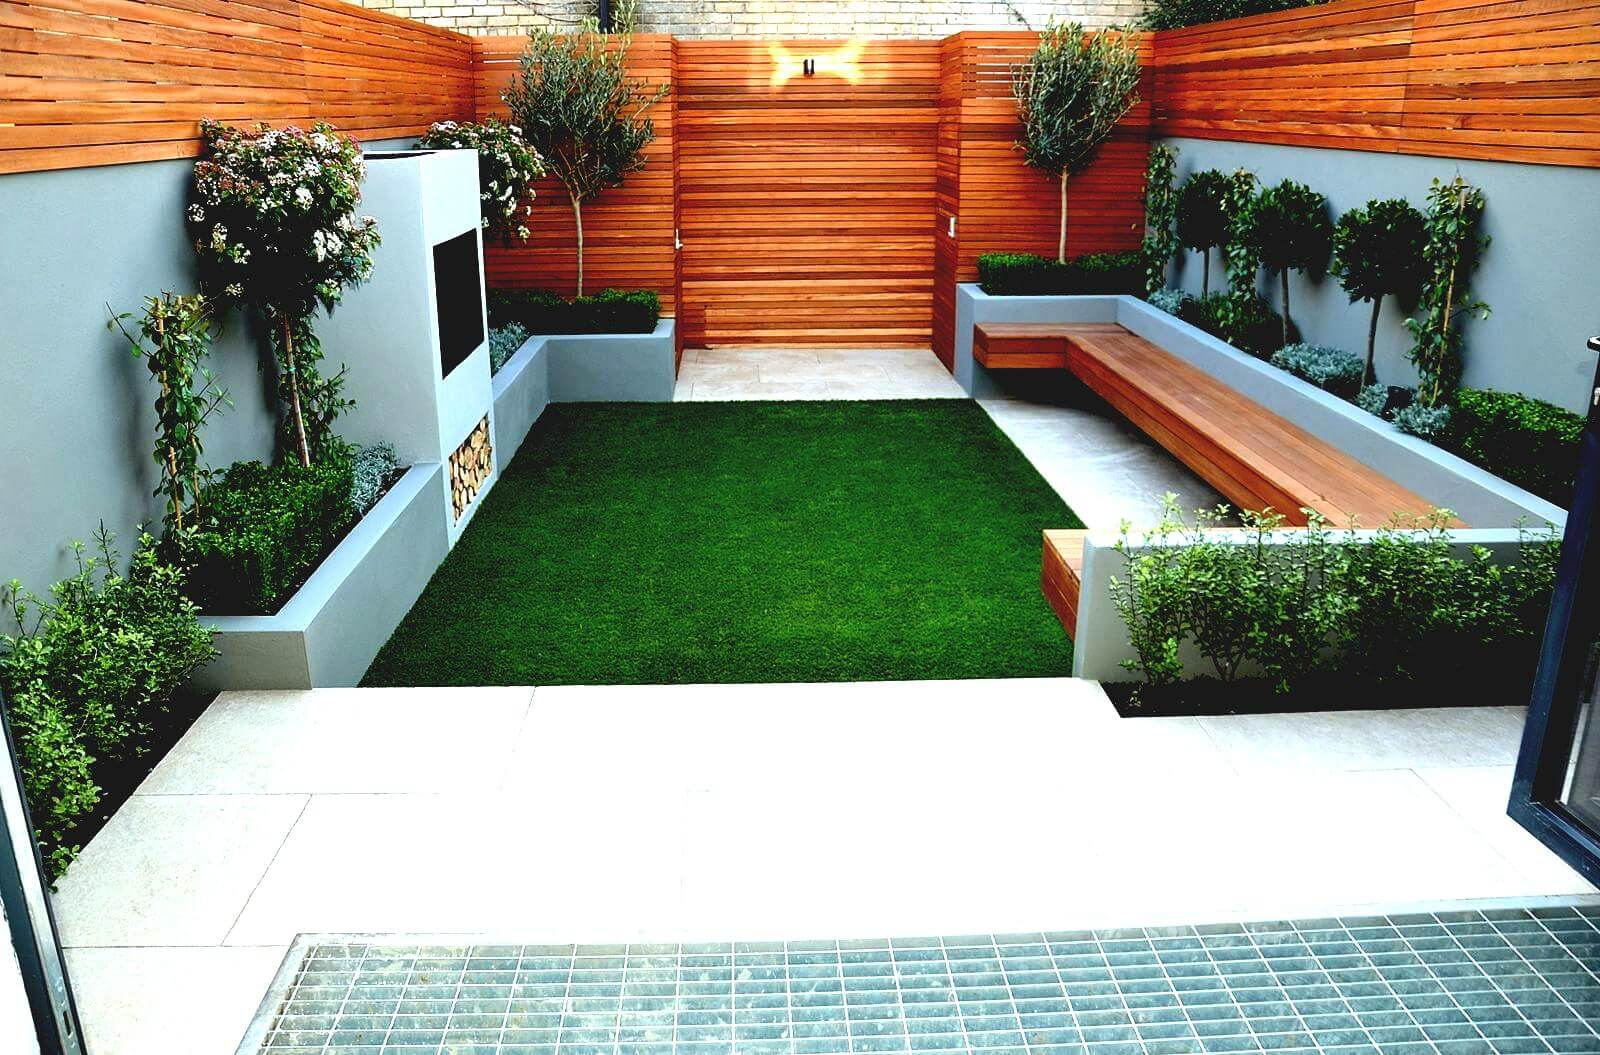 50 Best Front Garden Design Ideas in UK - Home Decor Ideas